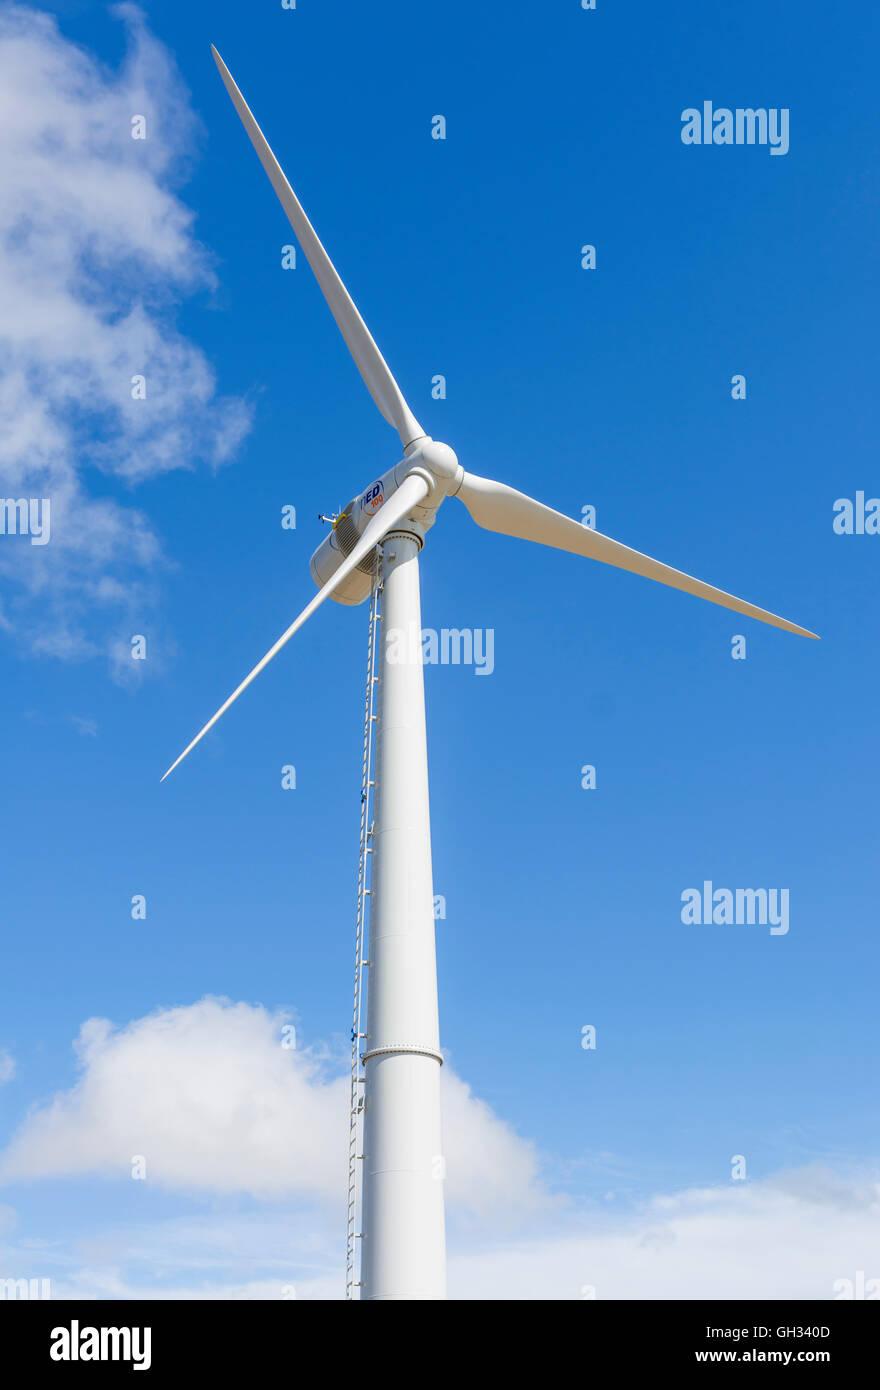 Windturbine zur Stromerzeugung in Shoreham, West Sussex, England, UK. Stockbild